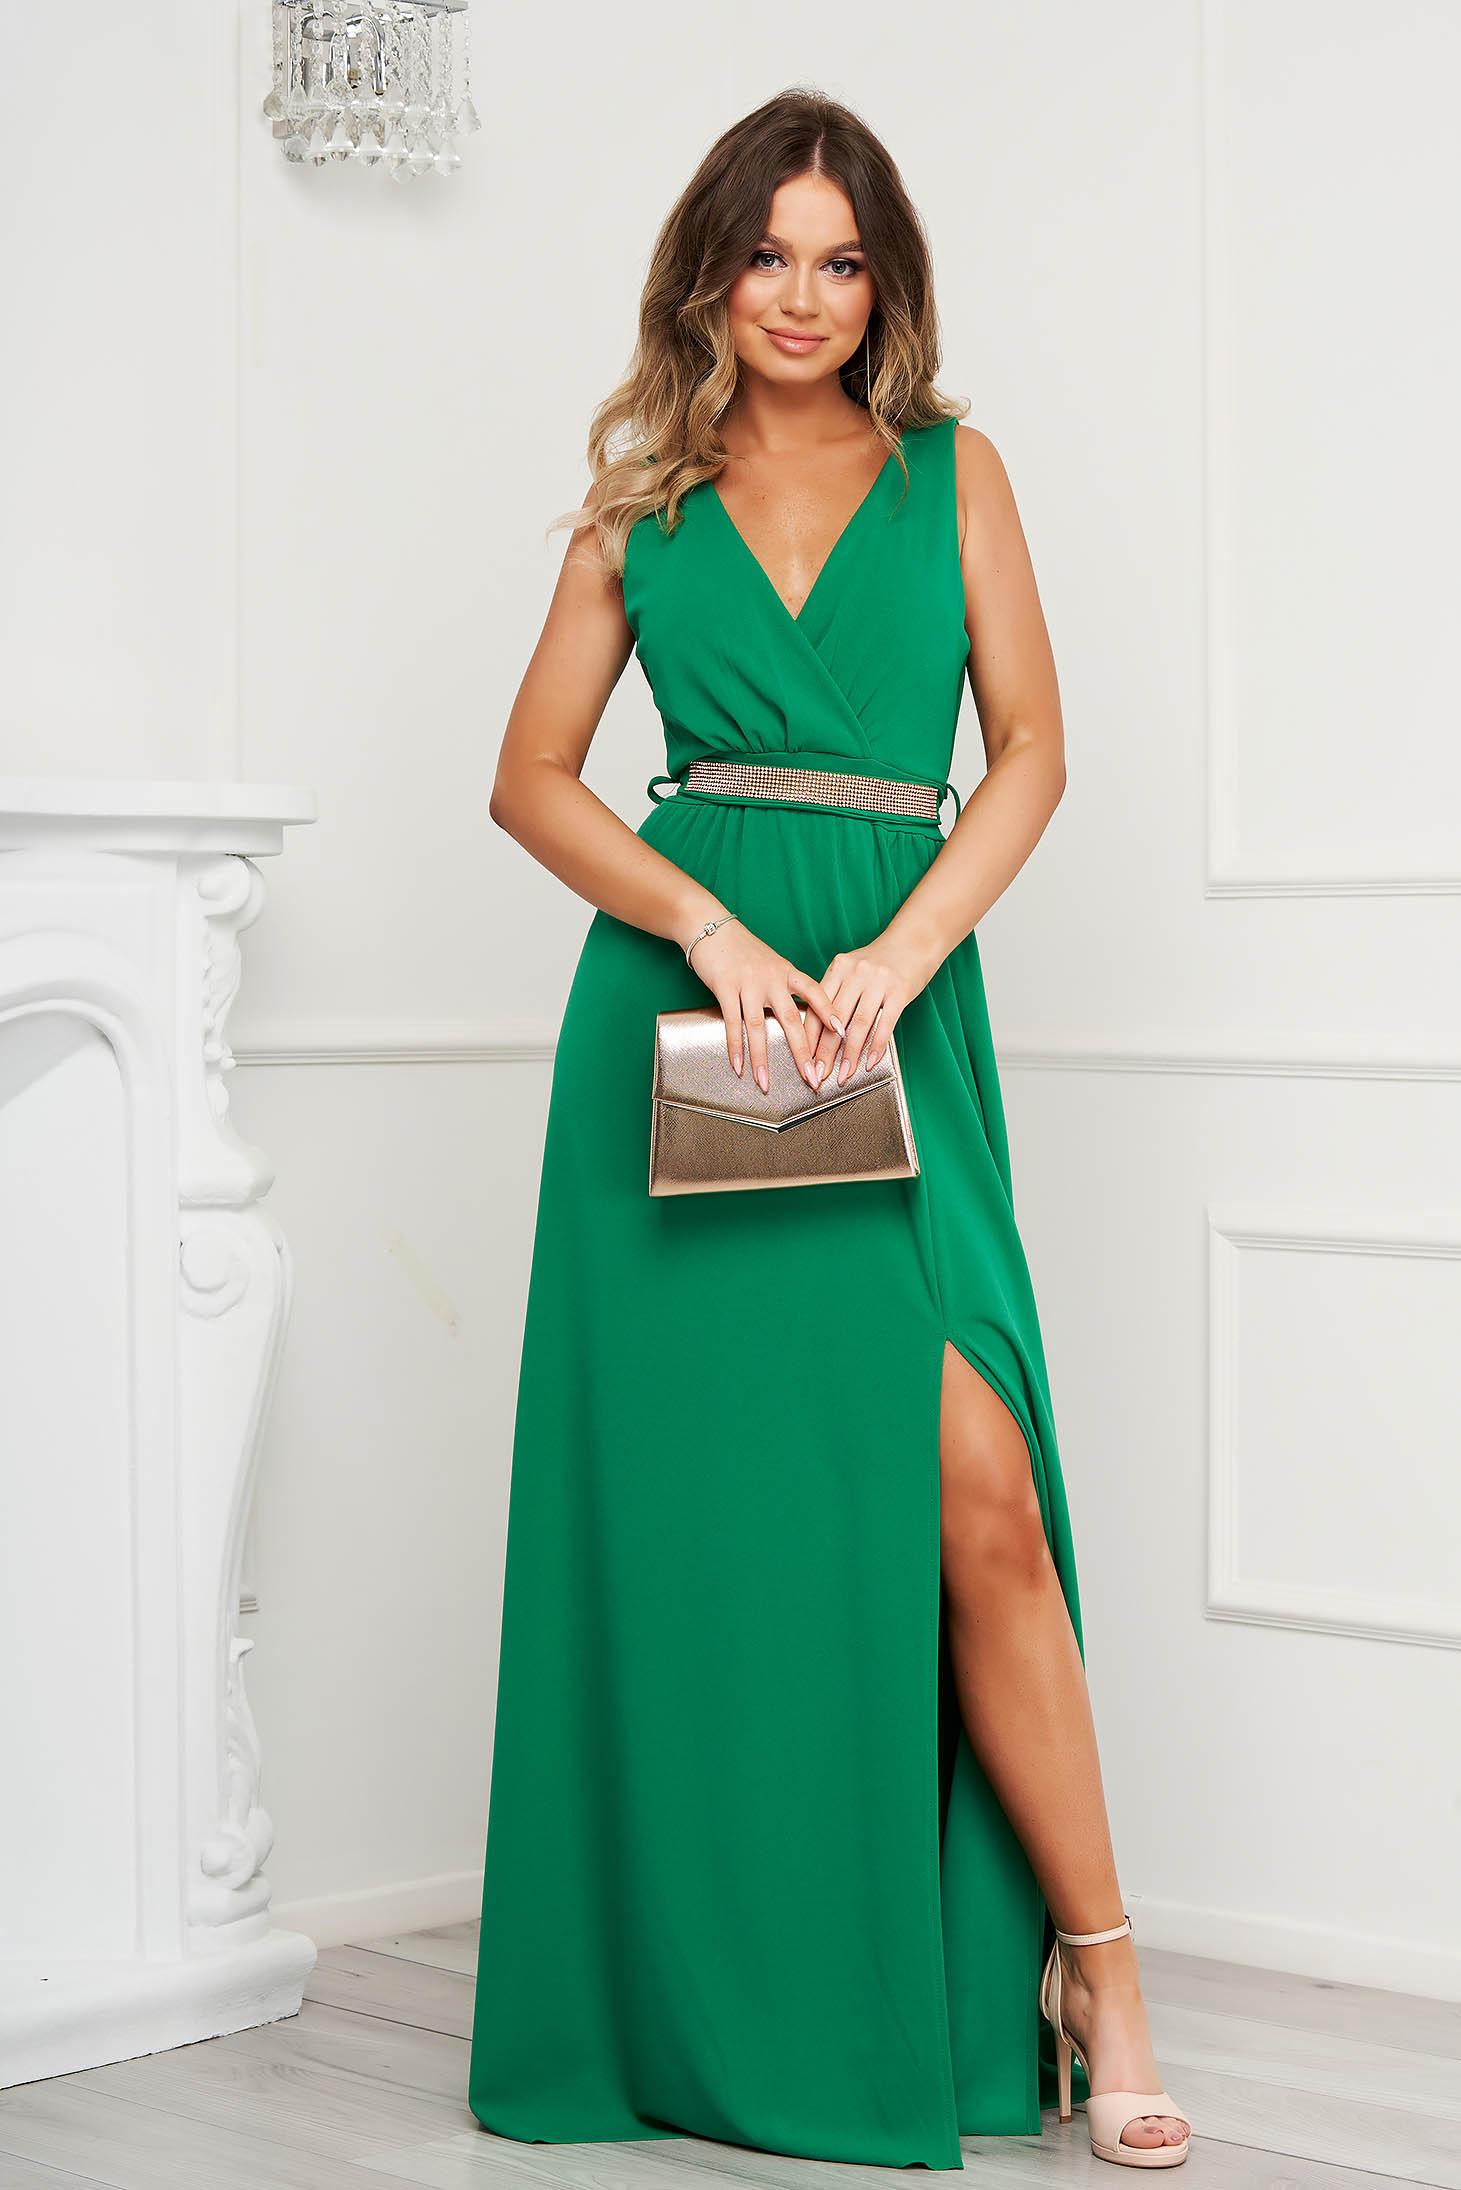 Rochie verde de ocazie in clos crapata pe picior din material elastic cu decolteu in v accesorizata cu pietre stras